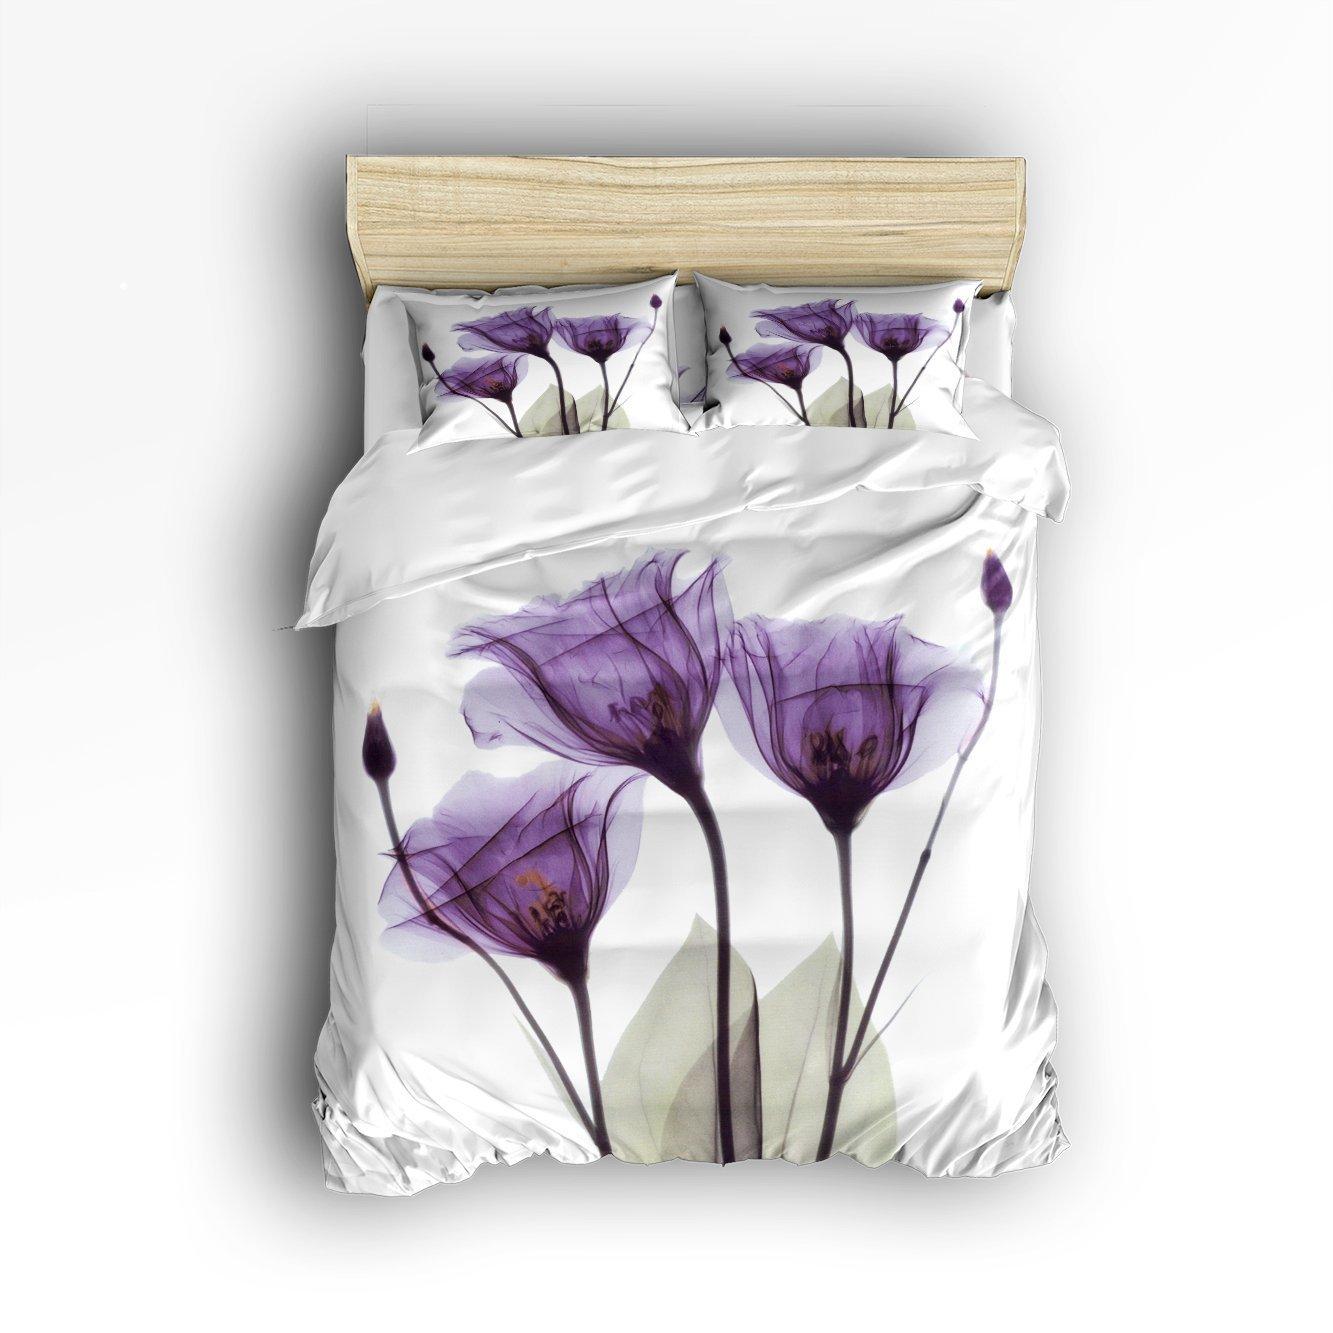 4 Pieces Bed Sheets Set, Purple Flower ''Lavender Hope'',Bedding Sets Duvet Cover Sets Bedspread for Adult Kids,Flat Sheet, Shams Set for Kids Teenage TeensQueen Size